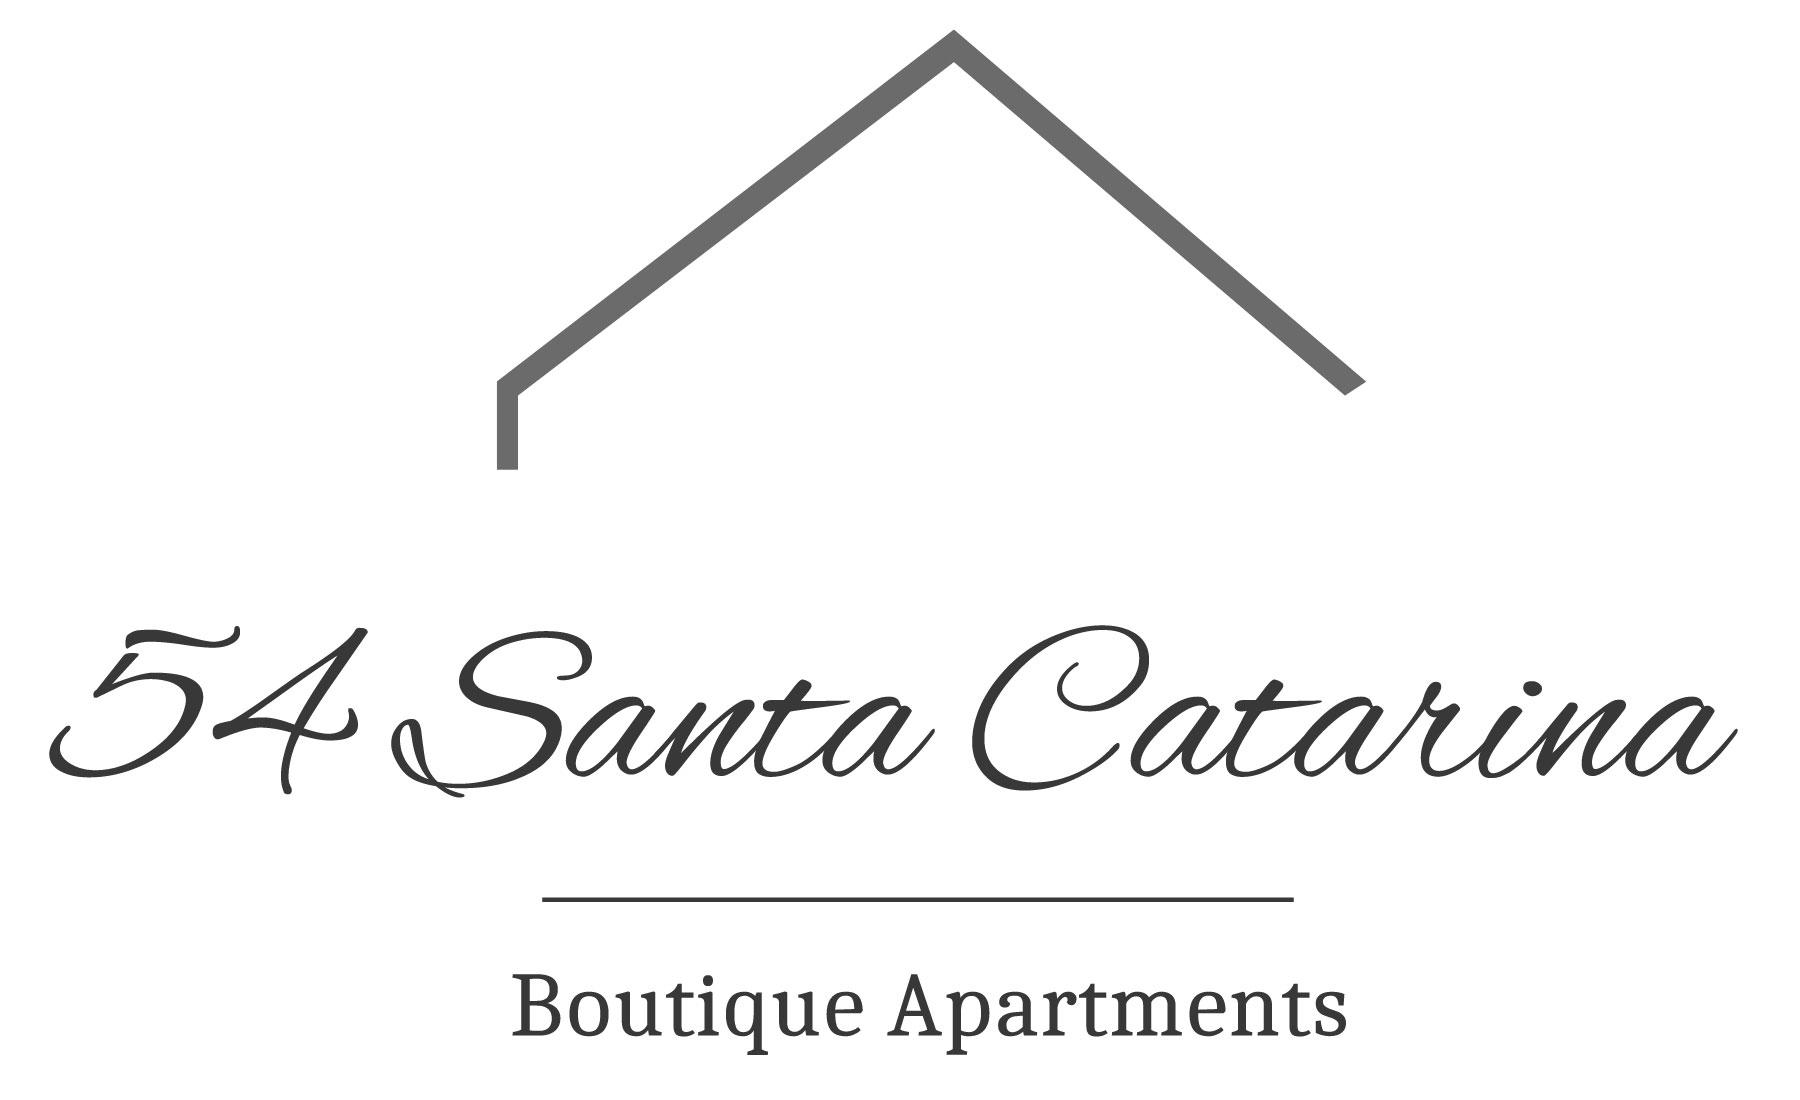 54 Santa Catarina